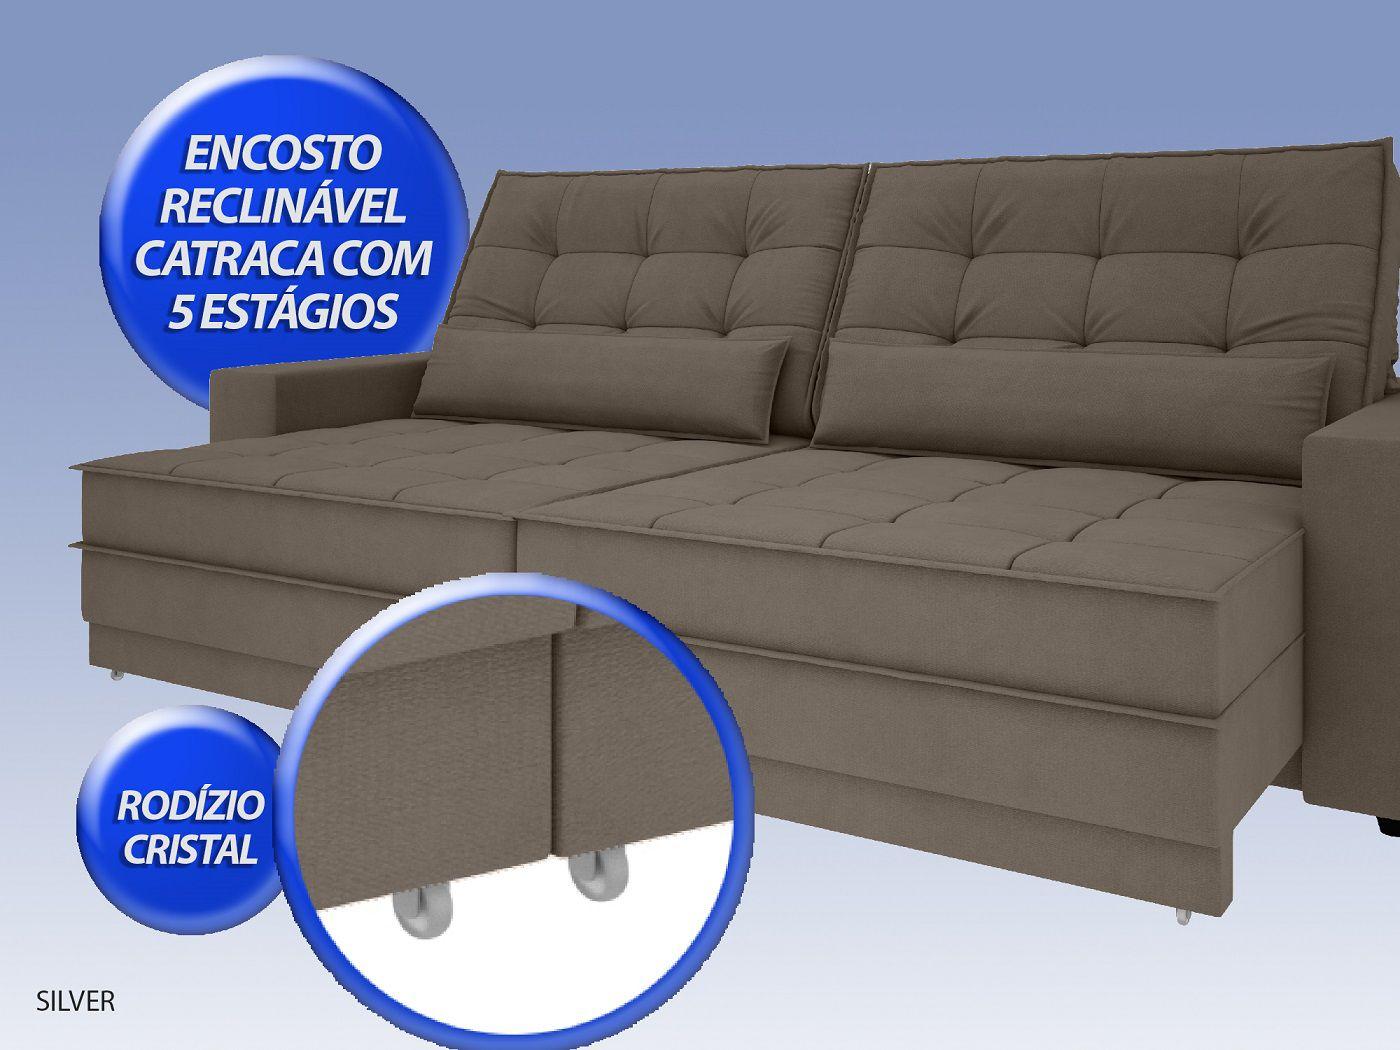 Sofá Silver 2,20m Retrátil e Reclinável Velosuede Marrom - NETSOFAS  - NETSOFÁS